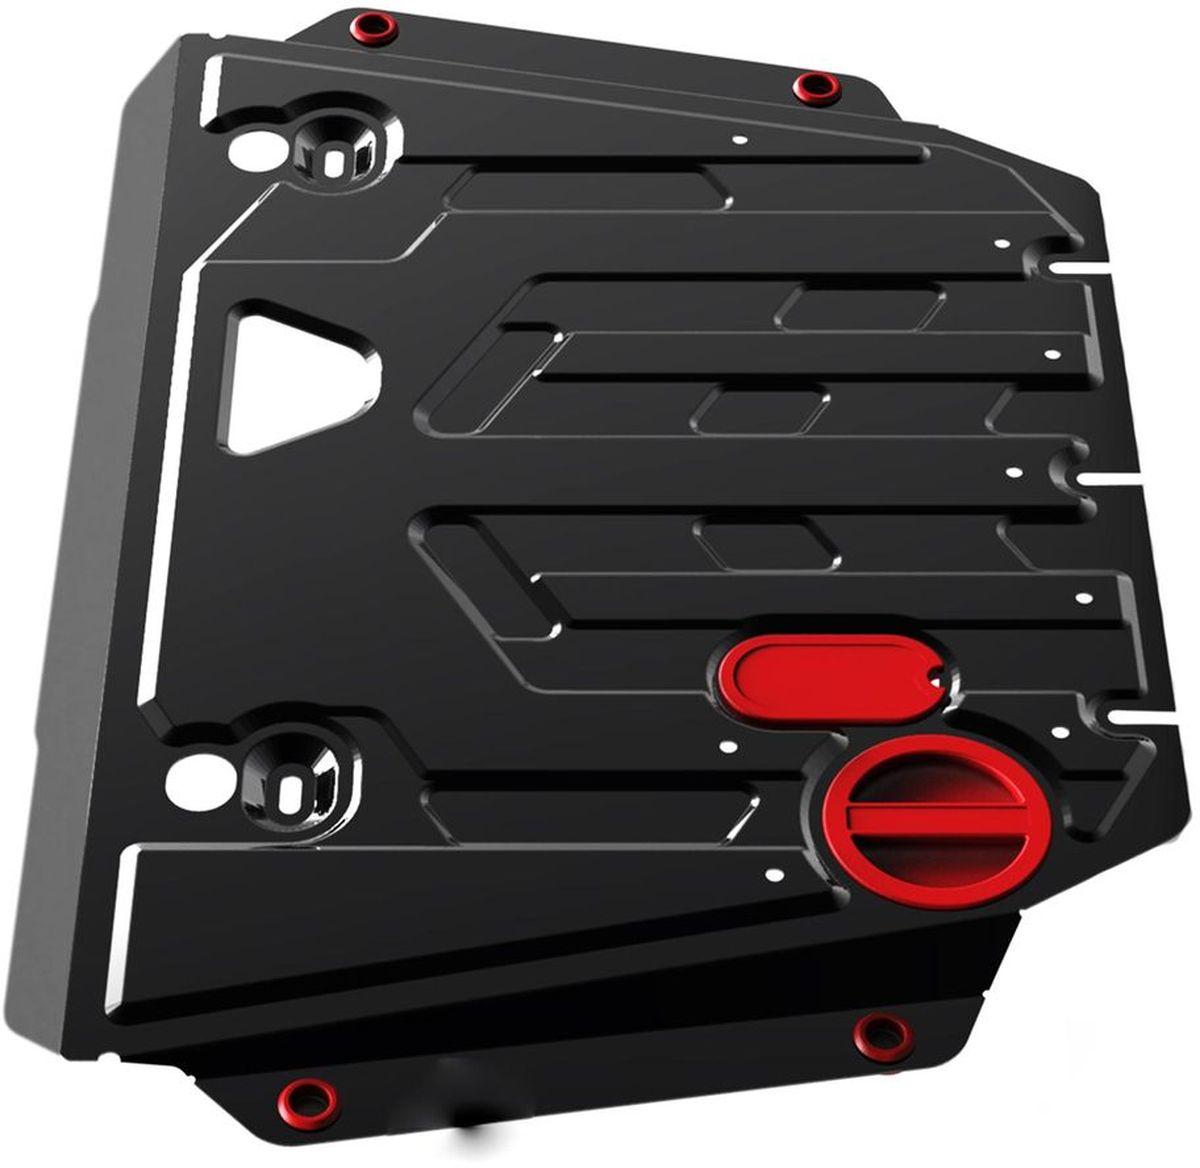 Защита картера и КПП Автоброня, для Citroen C3 Picasso V - 1,4; 1,6 (2009-) / Peugeot 207 V - все (2006-)1004900000360Технологически совершенный продукт за невысокую стоимость.Защита разработана с учетом особенностей днища автомобиля, что позволяет сохранить дорожный просвет с минимальным изменением.Защита устанавливается в штатные места кузова автомобиля. Глубокий штамп обеспечивает до двух раз больше жесткости в сравнении с обычной защитой той же толщины. Проштампованные ребра жесткости препятствуют деформации защиты при ударах.Тепловой зазор и вентиляционные отверстия обеспечивают сохранение температурного режима двигателя в норме. Скрытый крепеж предотвращает срыв крепежных элементов при наезде на препятствие.Шумопоглощающие резиновые элементы обеспечивают комфортную езду без вибраций и скрежета металла, а съемные лючки для слива масла и замены фильтра - экономию средств и время.Конструкция изделия не влияет на пассивную безопасность автомобиля (при ударе защита не воздействует на деформационные зоны кузова). Со штатным крепежом. В комплекте инструкция по установке.Толщина стали: 2 мм.Уважаемые клиенты!Обращаем ваше внимание, что элемент защиты имеет форму, соответствующую модели данного автомобиля. Фото служит для визуального восприятия товара и может отличаться от фактического.